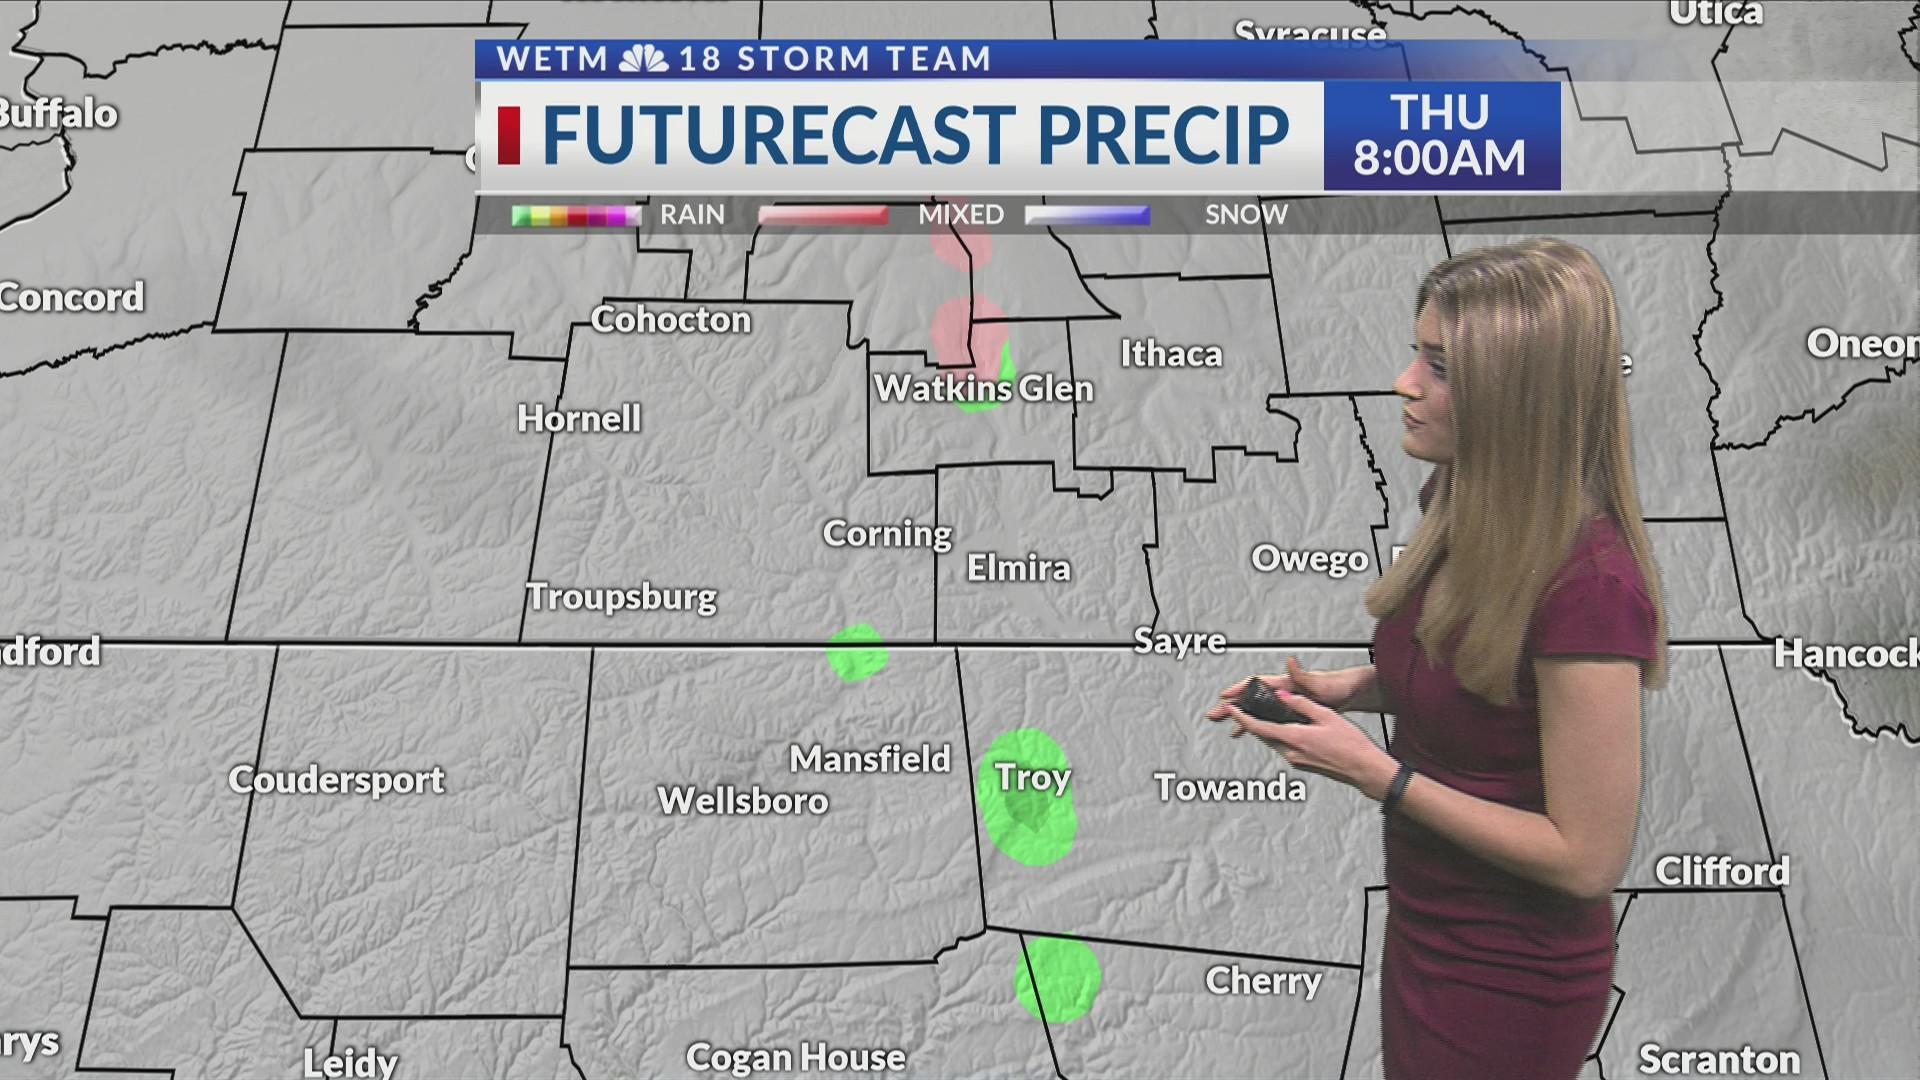 Thursday morning forecast 2/7/2019